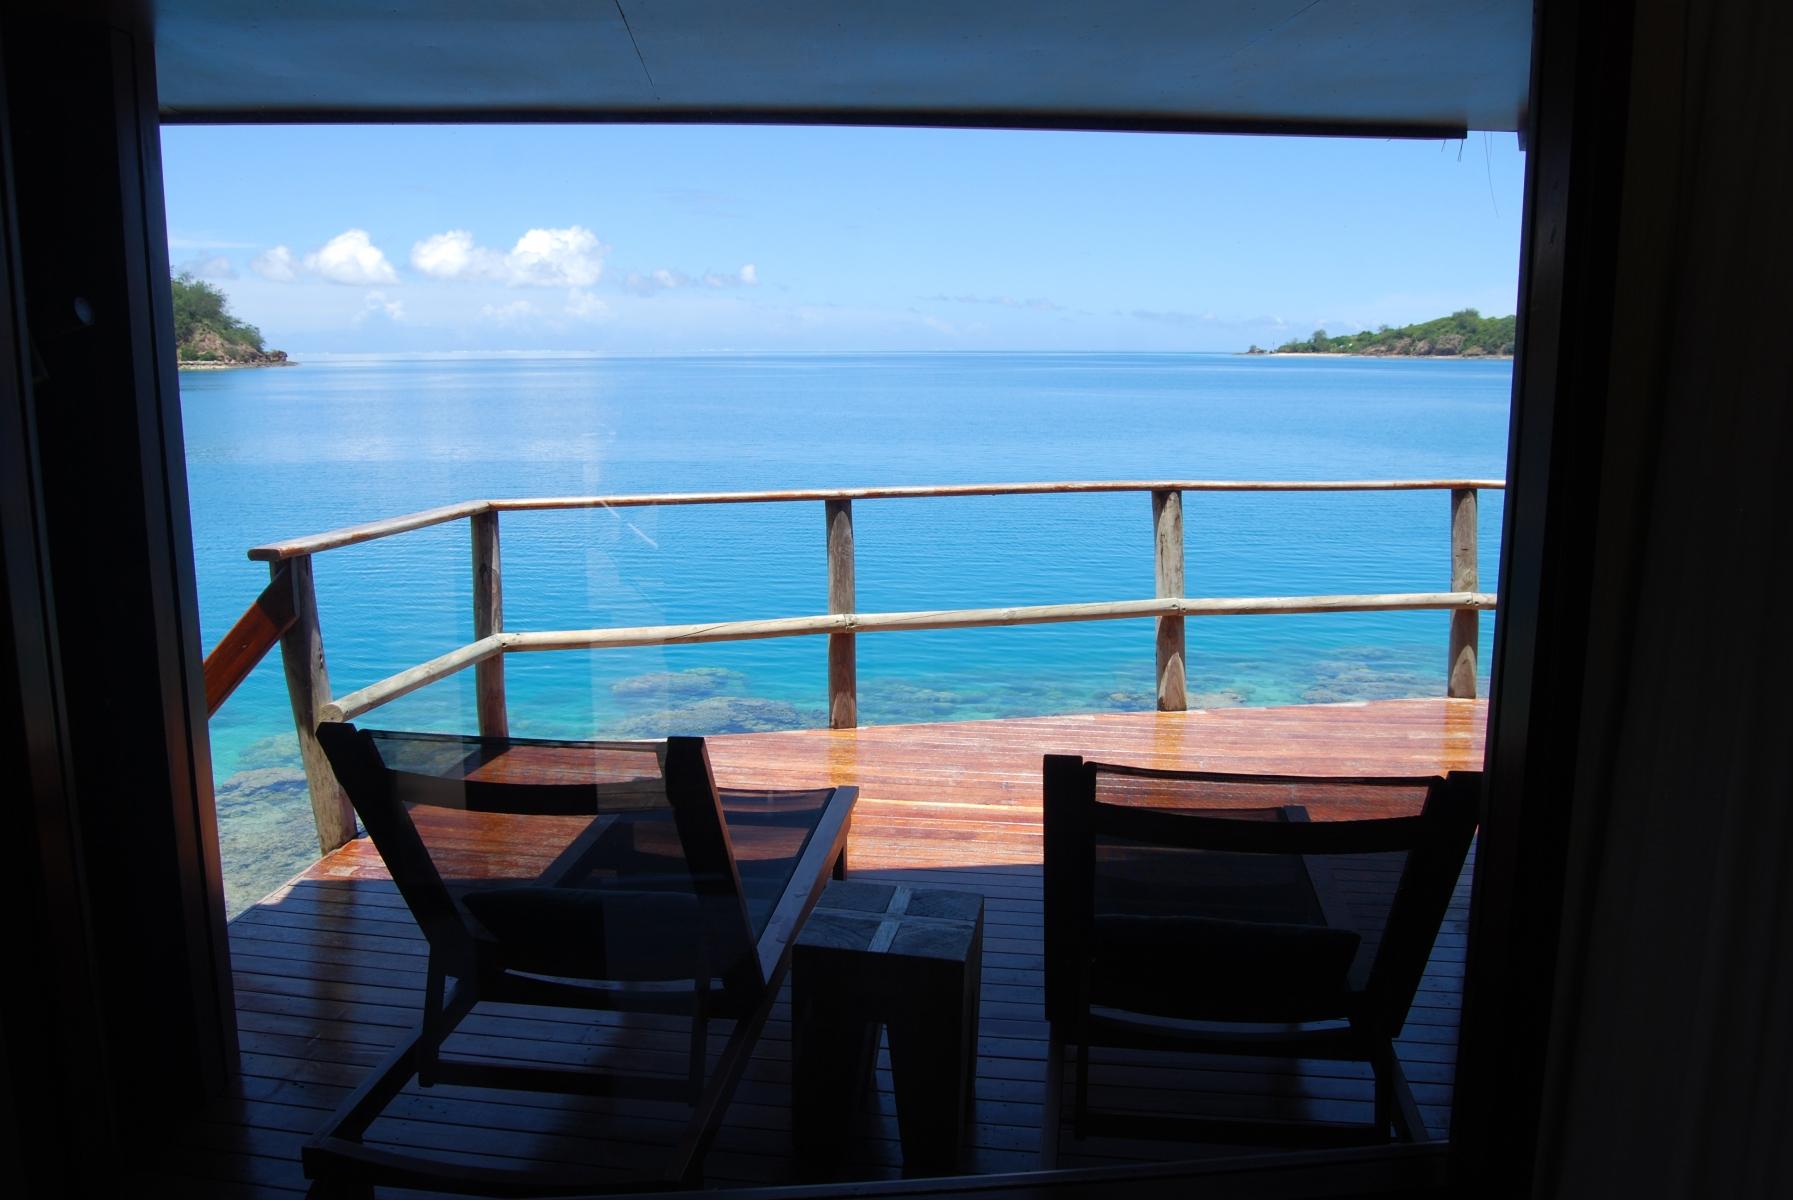 Likuliku-Lagoon-Resort-Fiji-2-1-2011-1-33-28-PM